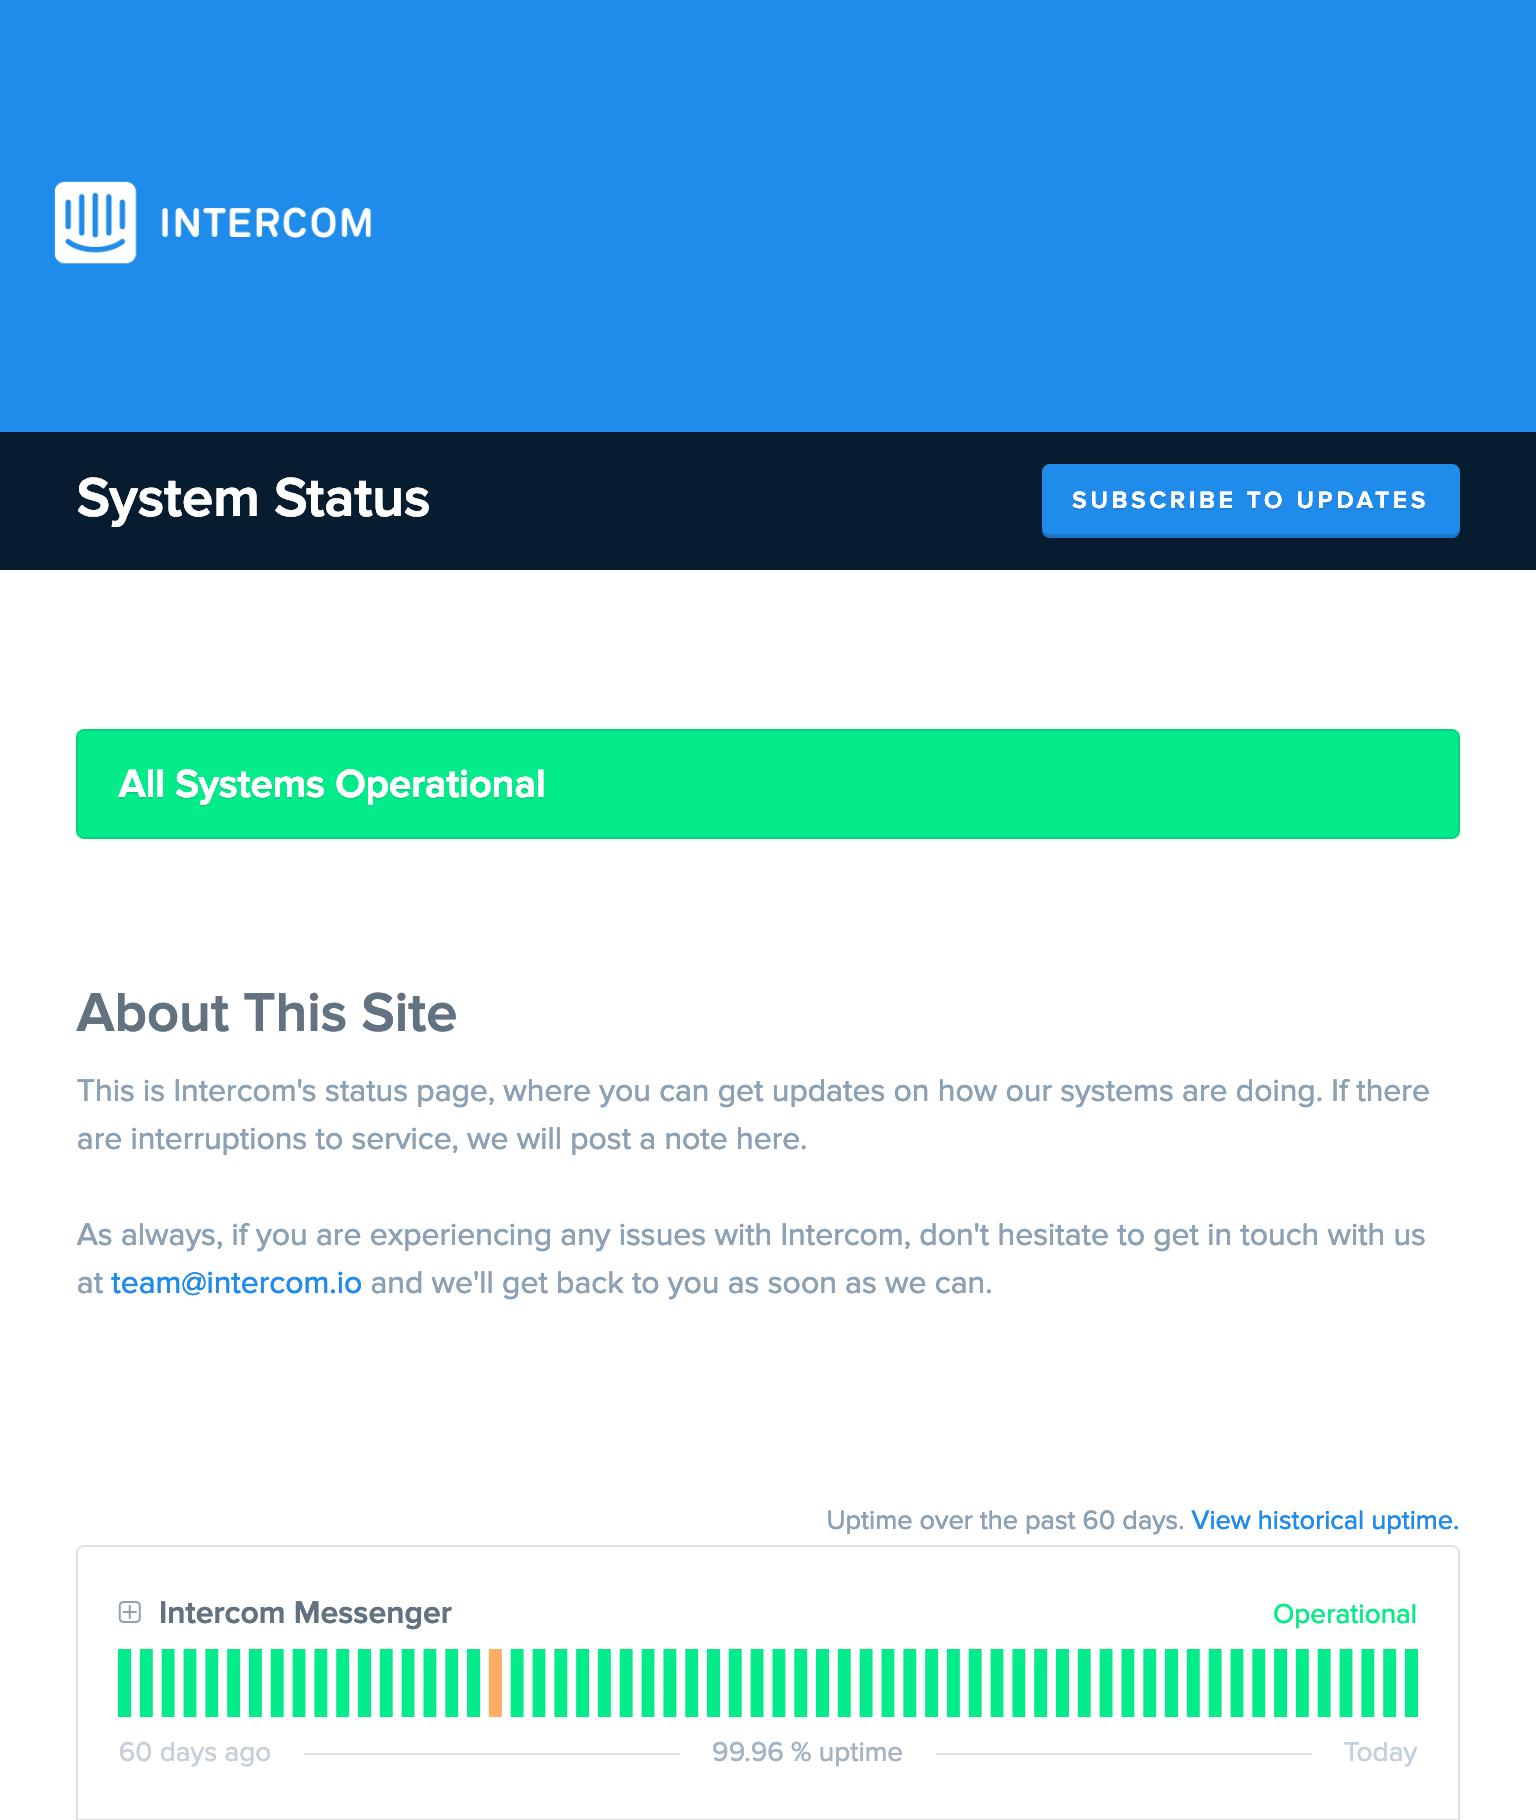 Liste de contrôle des états d'Intercom